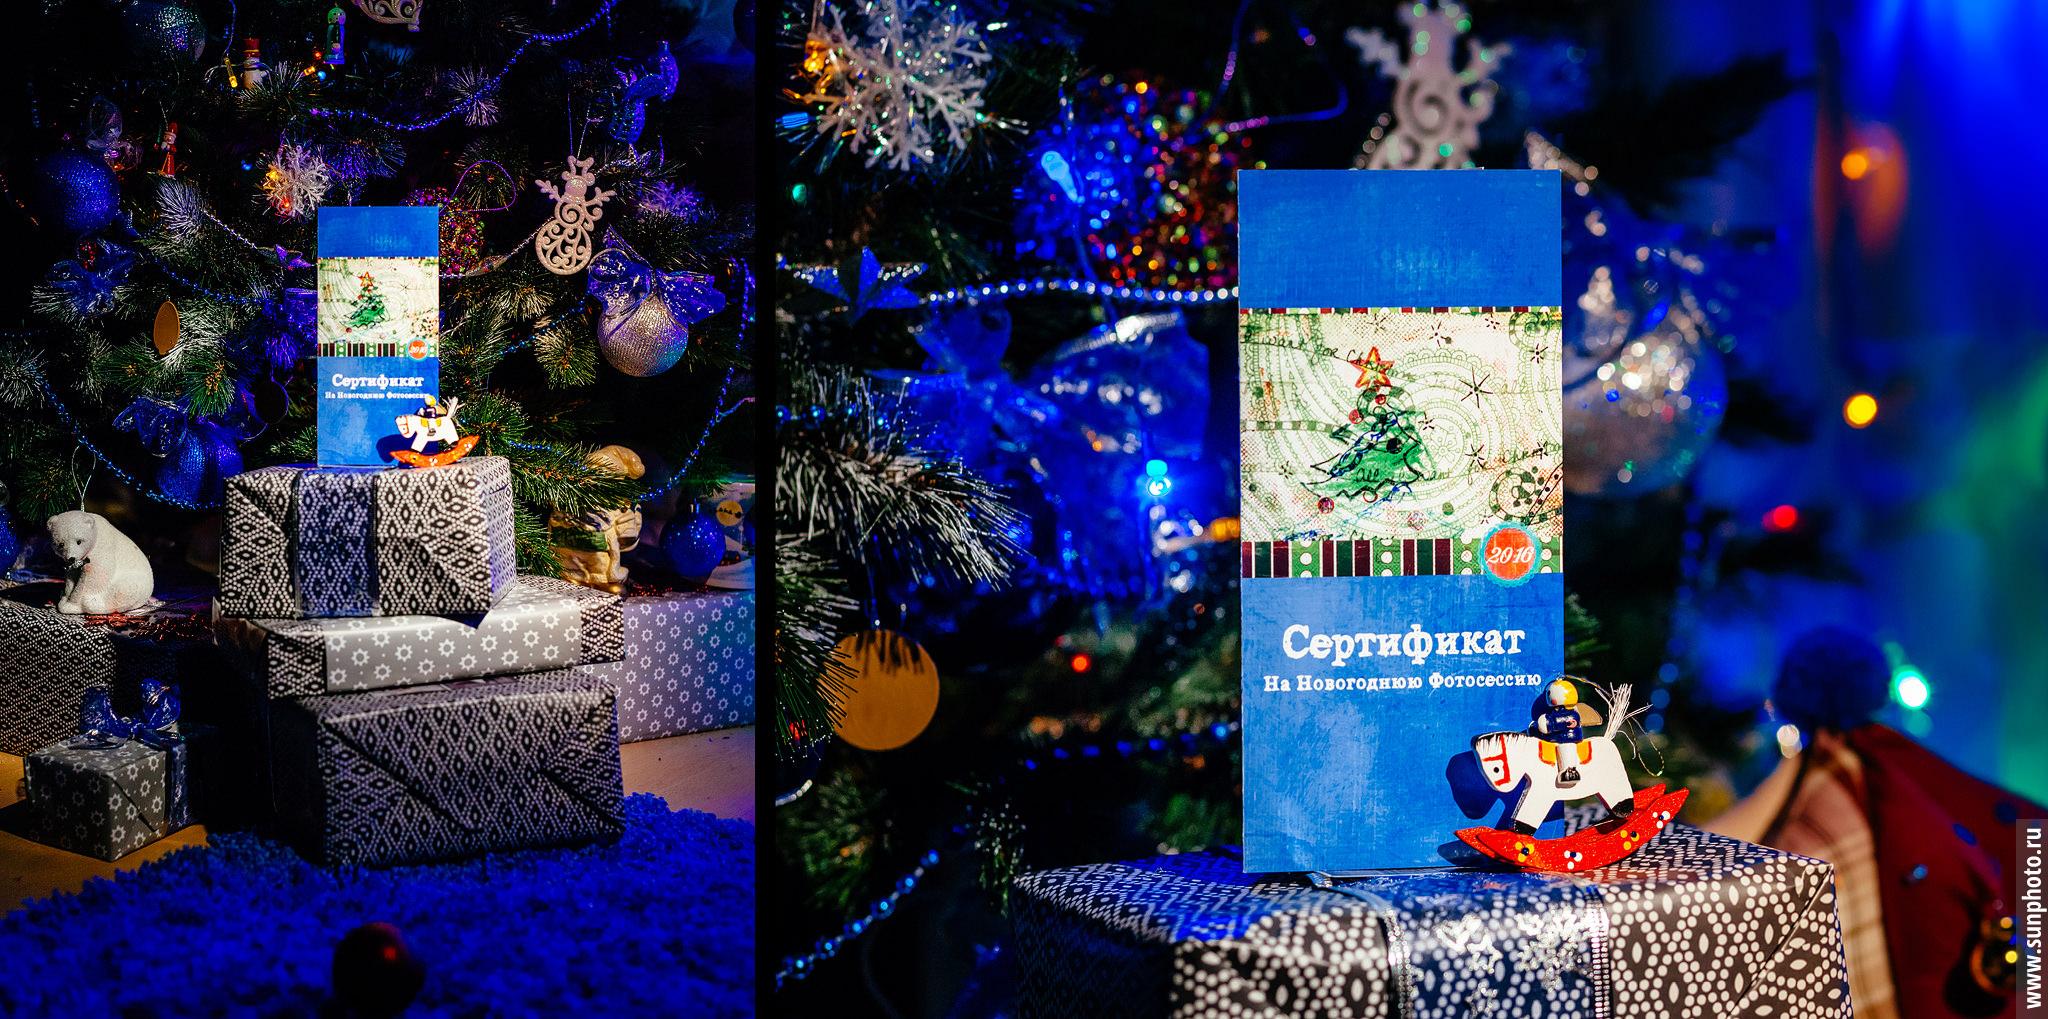 Подарочный сертификат на новогоднюю фотосессию от студии sunphoto.ru